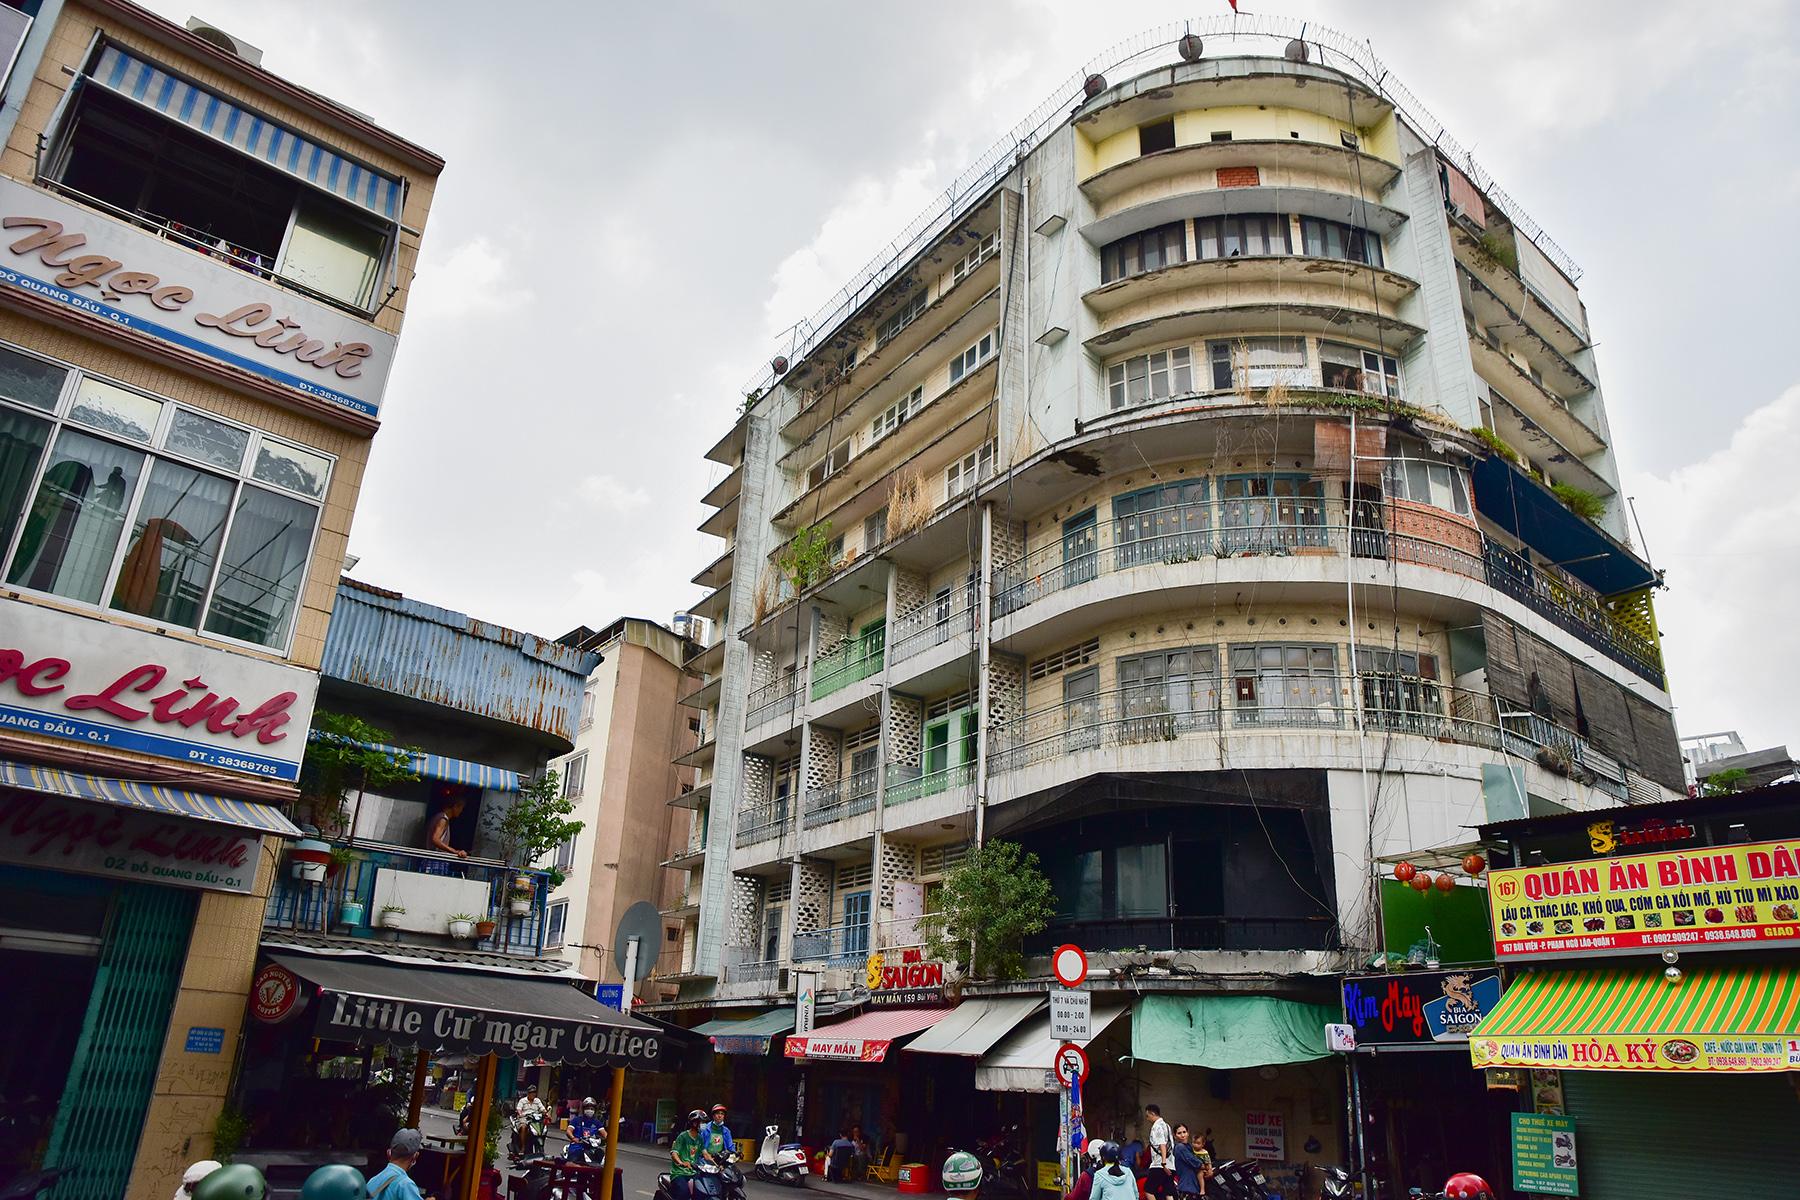 Ớn lạnh cảnh rác ngập ngụa trong các căn hộ chung cư ở phố Tây Sài Gòn - 1